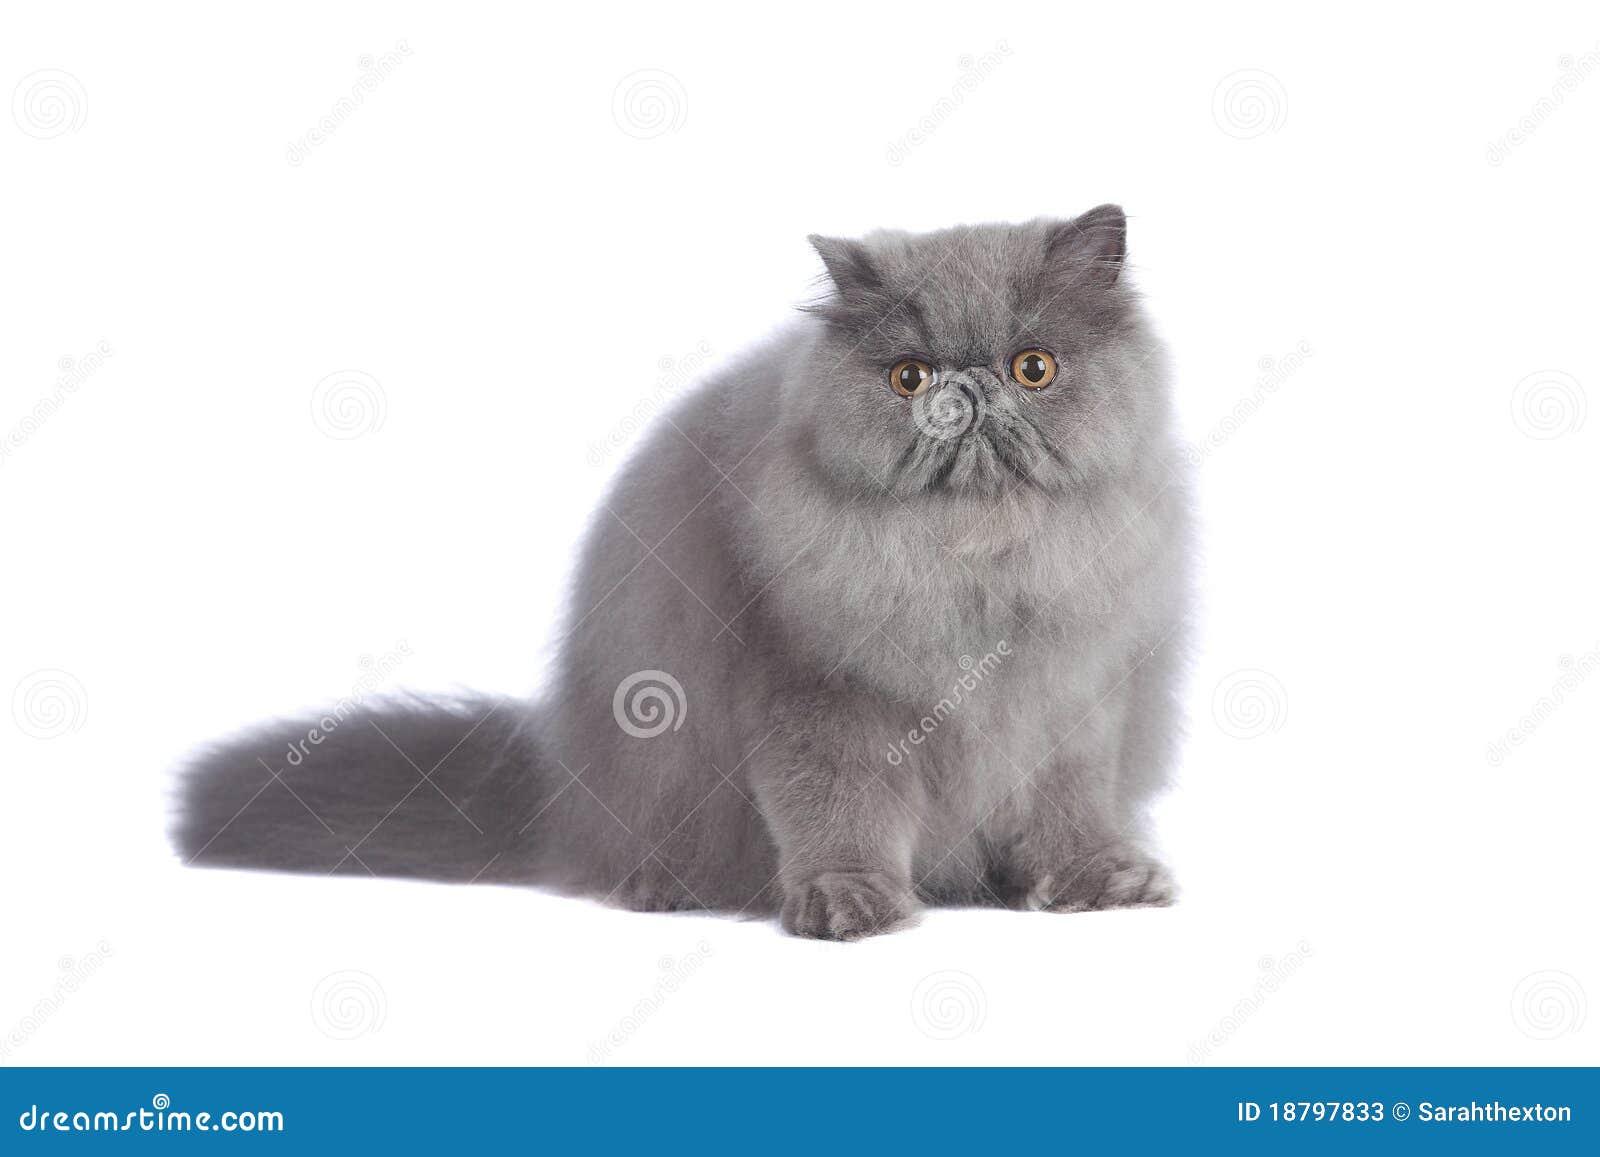 Gatinhos Banco de Imagens e Fotos 102.673 gatinhos